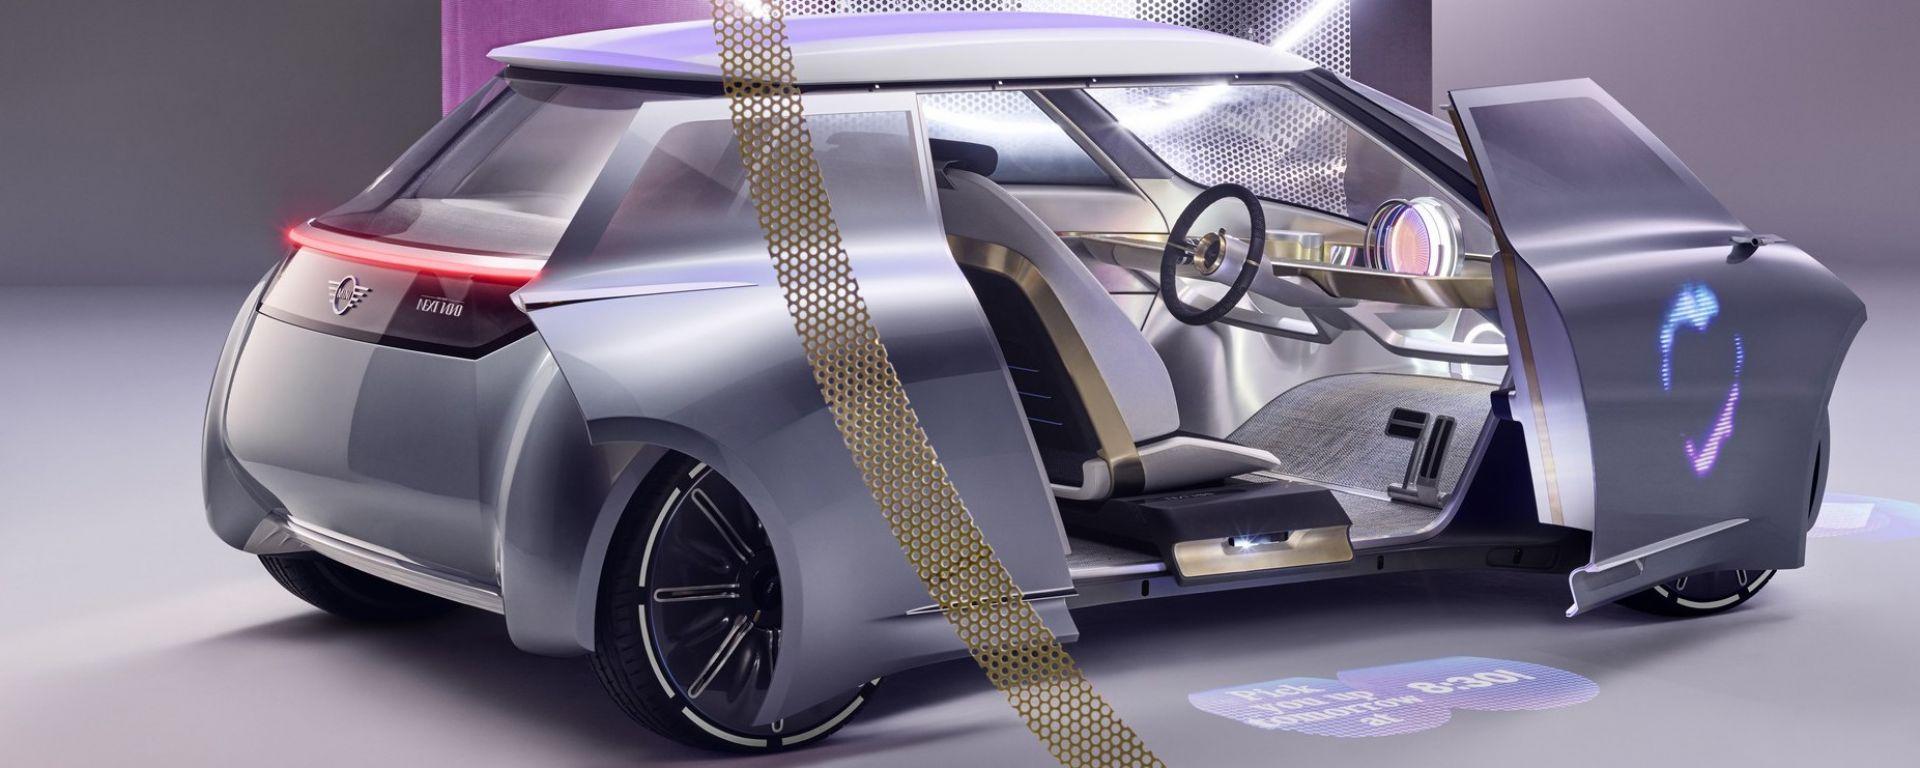 Mini Vision Next 100: ecco come saranno le Mini del futuro